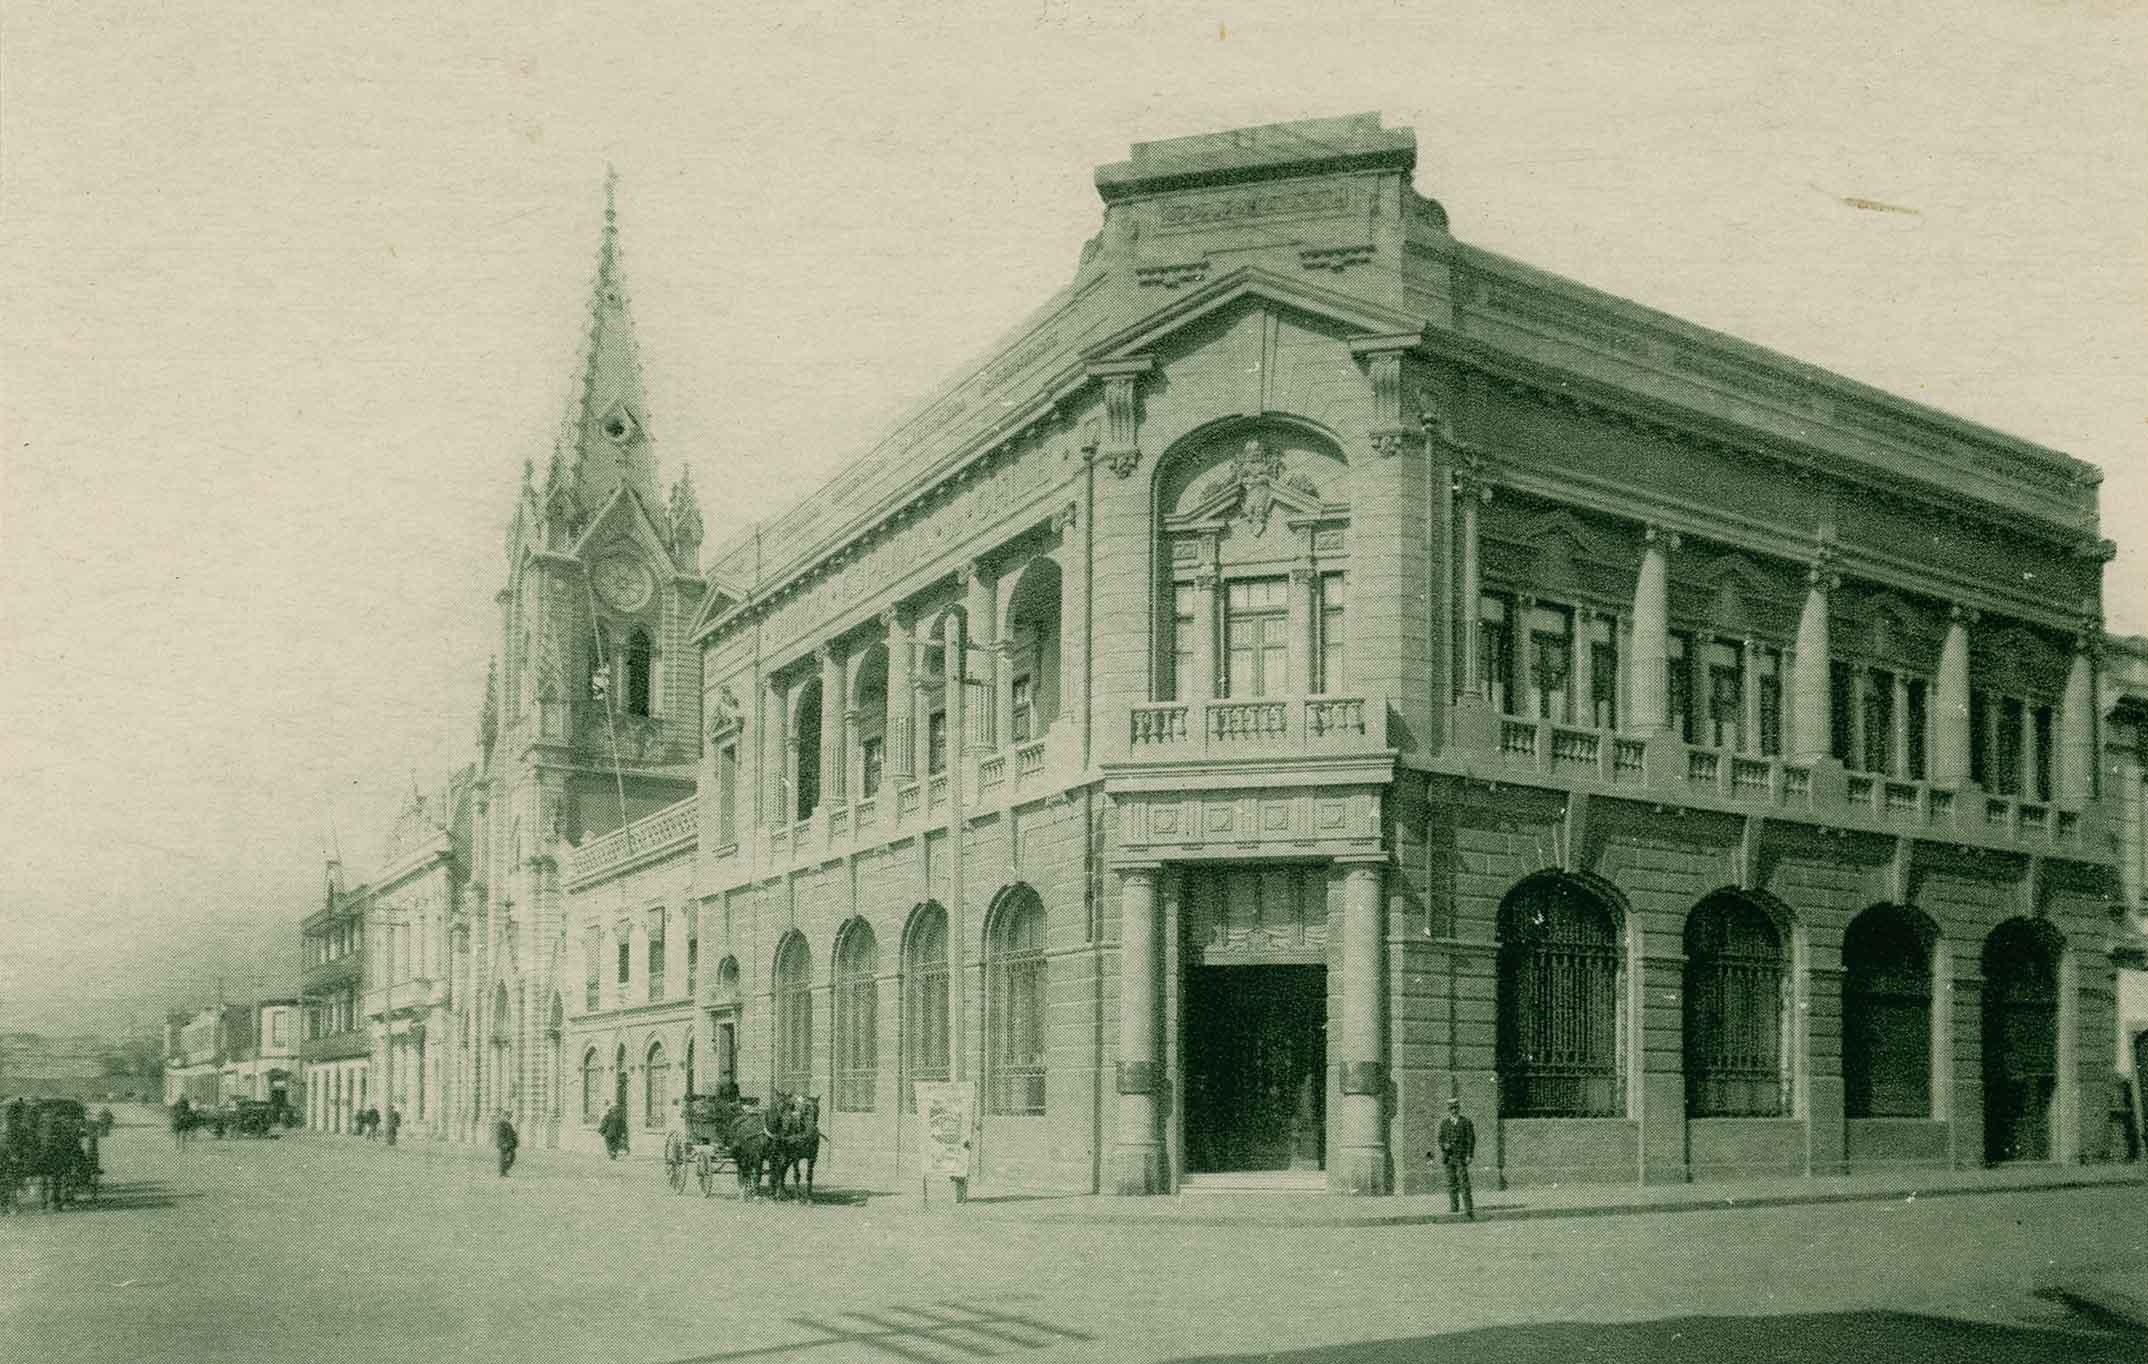 Enterreno - Fotos históricas de chile - fotos antiguas de Chile - Banco Español e Iglesia de Antofagasta, ca. 1910